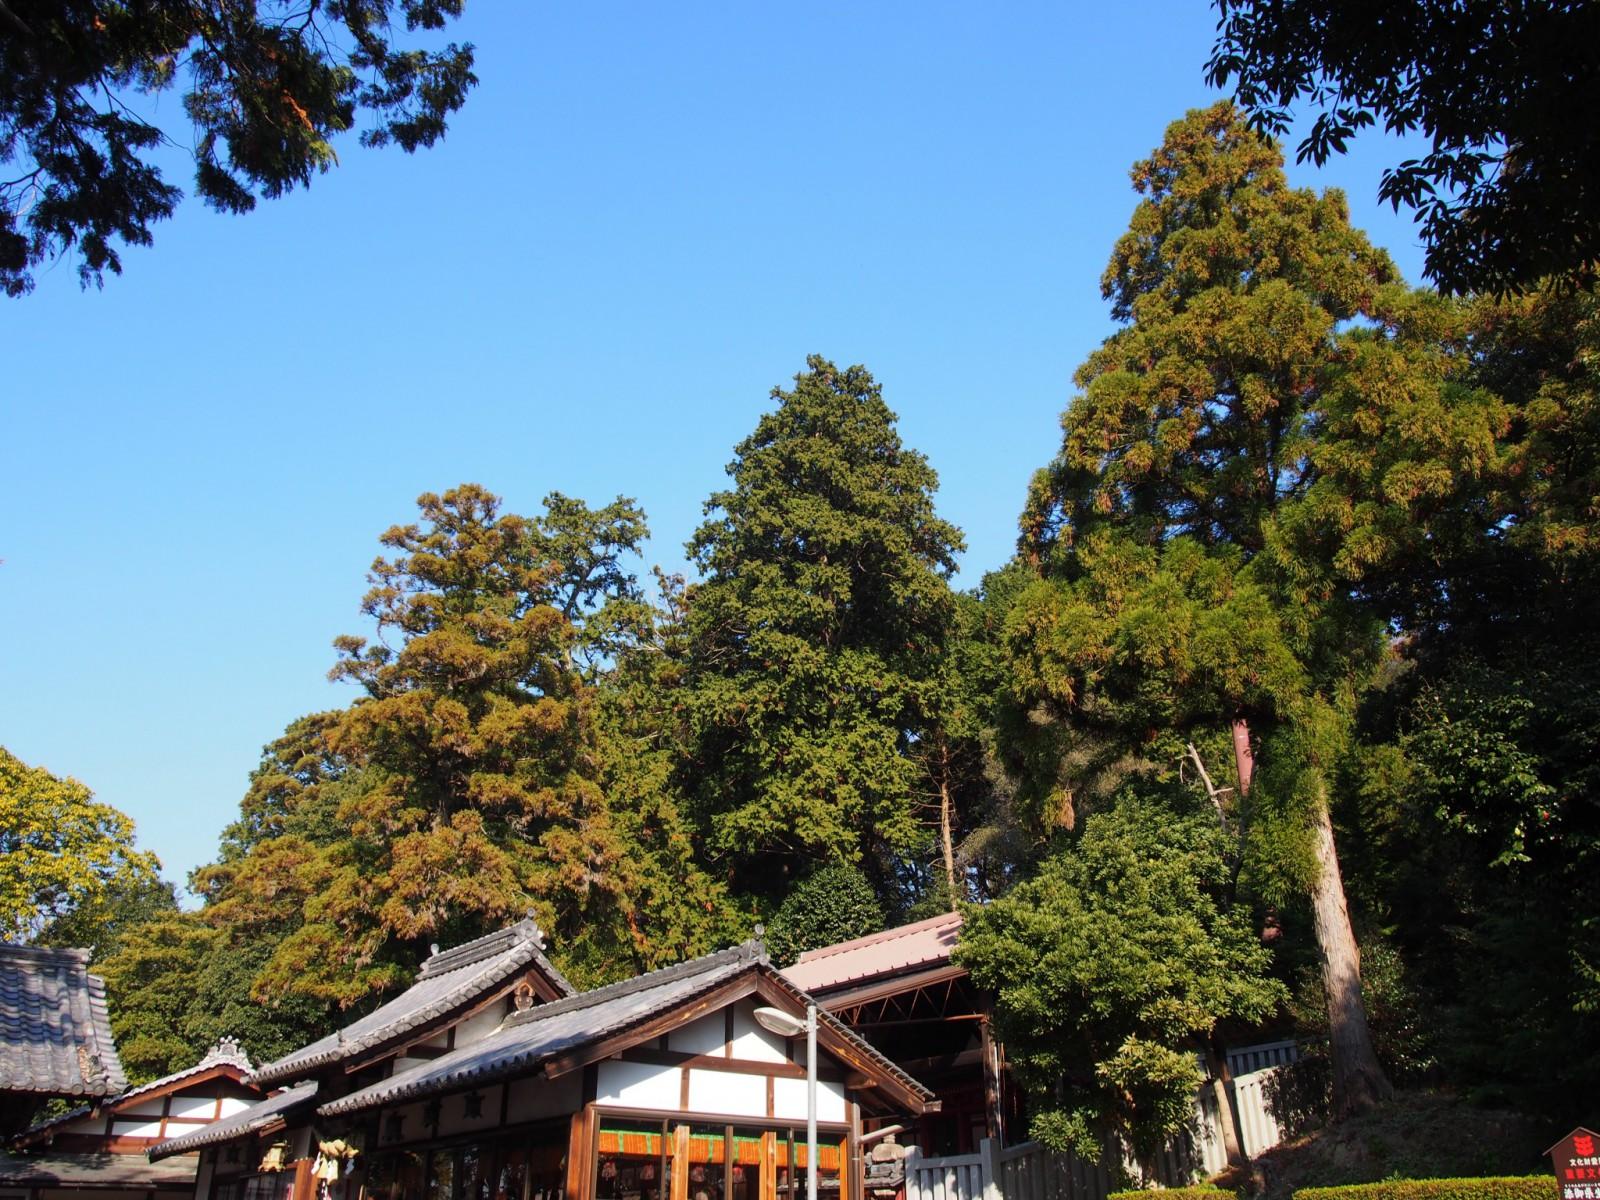 添御県坐神社の社殿